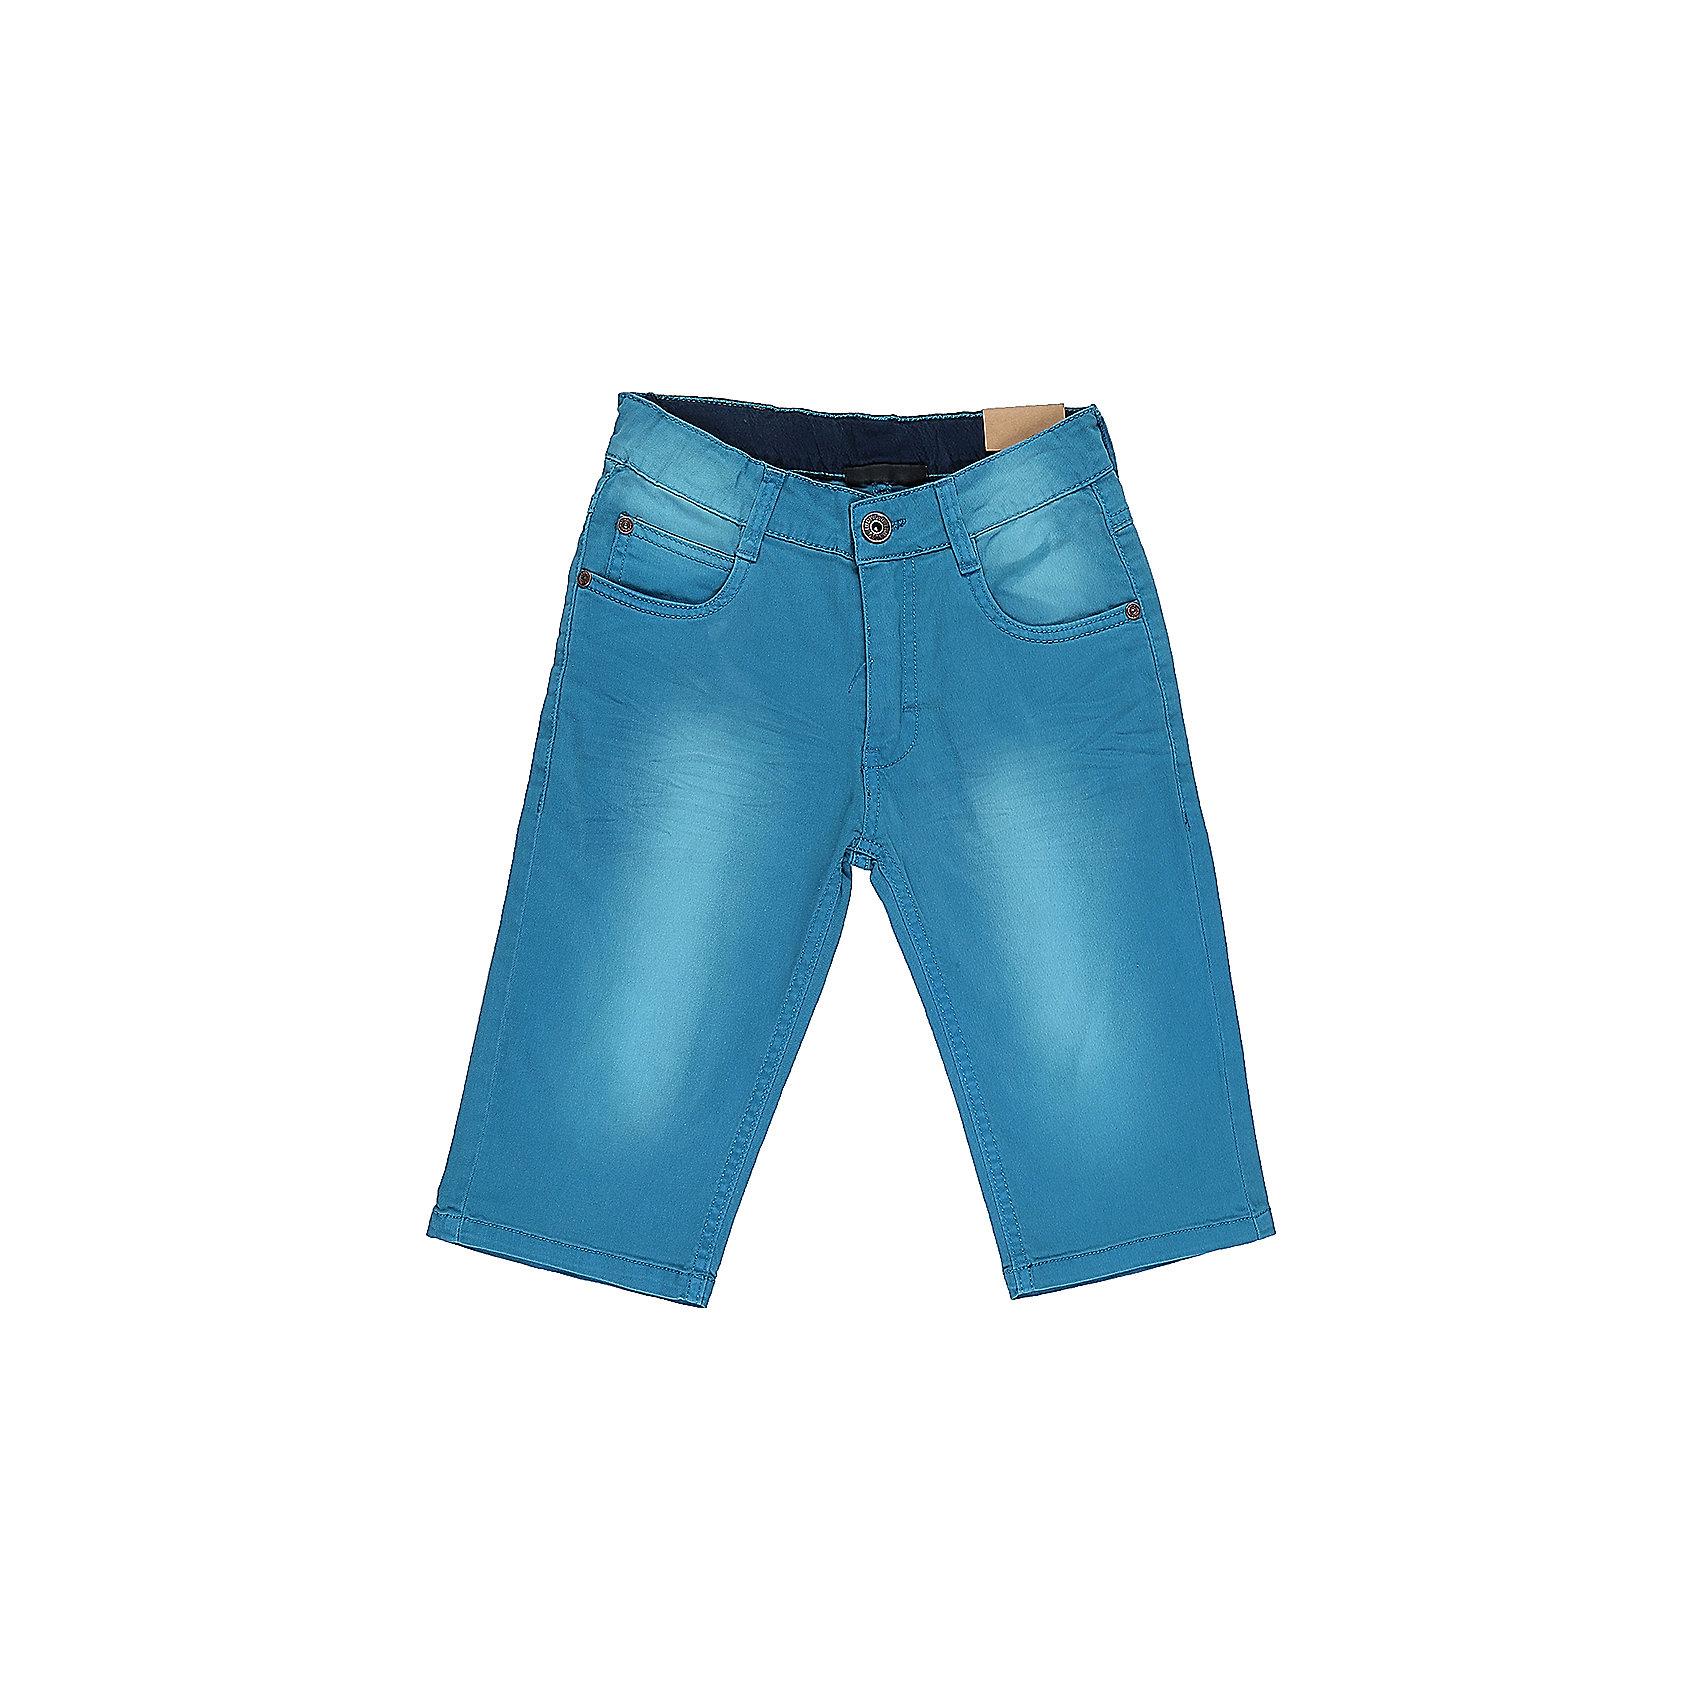 Бриджи джинсовые для мальчика LuminosoШорты, бриджи, капри<br>Джинсовые бриджи для мальчика. Застегиваются на молнию и пуговицу. Имеют зауженный крой, среднюю посадку. Шлевки на поясе рассчитаны под ремень. В боковой части пояса находятся вшитые эластичные ленты, регулирующие посадку по талии.<br>Состав:<br>100%хлопок<br><br>Ширина мм: 191<br>Глубина мм: 10<br>Высота мм: 175<br>Вес г: 273<br>Цвет: голубой<br>Возраст от месяцев: 156<br>Возраст до месяцев: 168<br>Пол: Мужской<br>Возраст: Детский<br>Размер: 164,134,158,152,146,140<br>SKU: 5409775